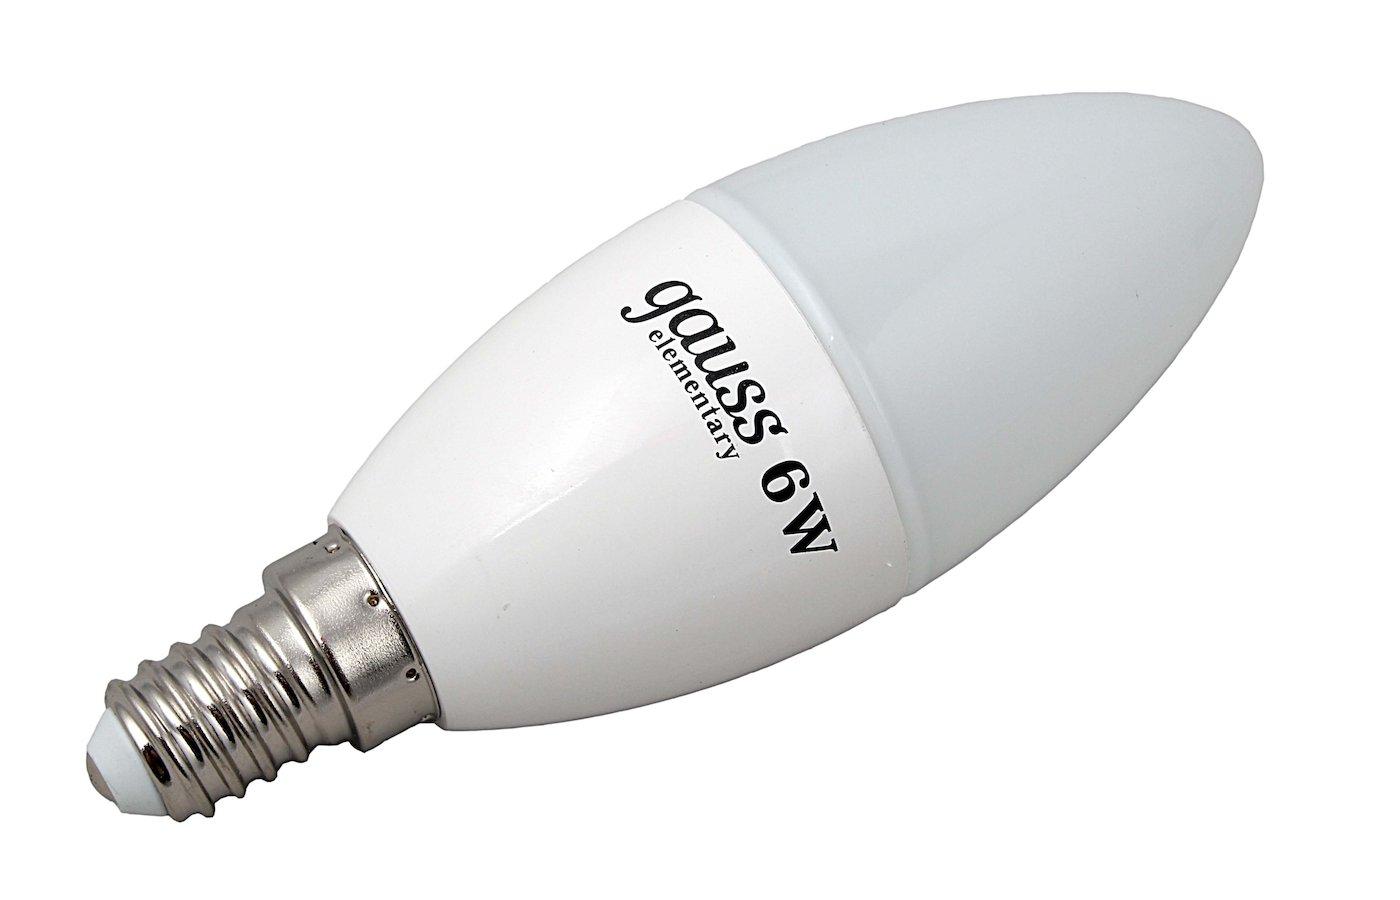 Лампочки LED Gauss LED Elementary Candle 6W E14 2700K